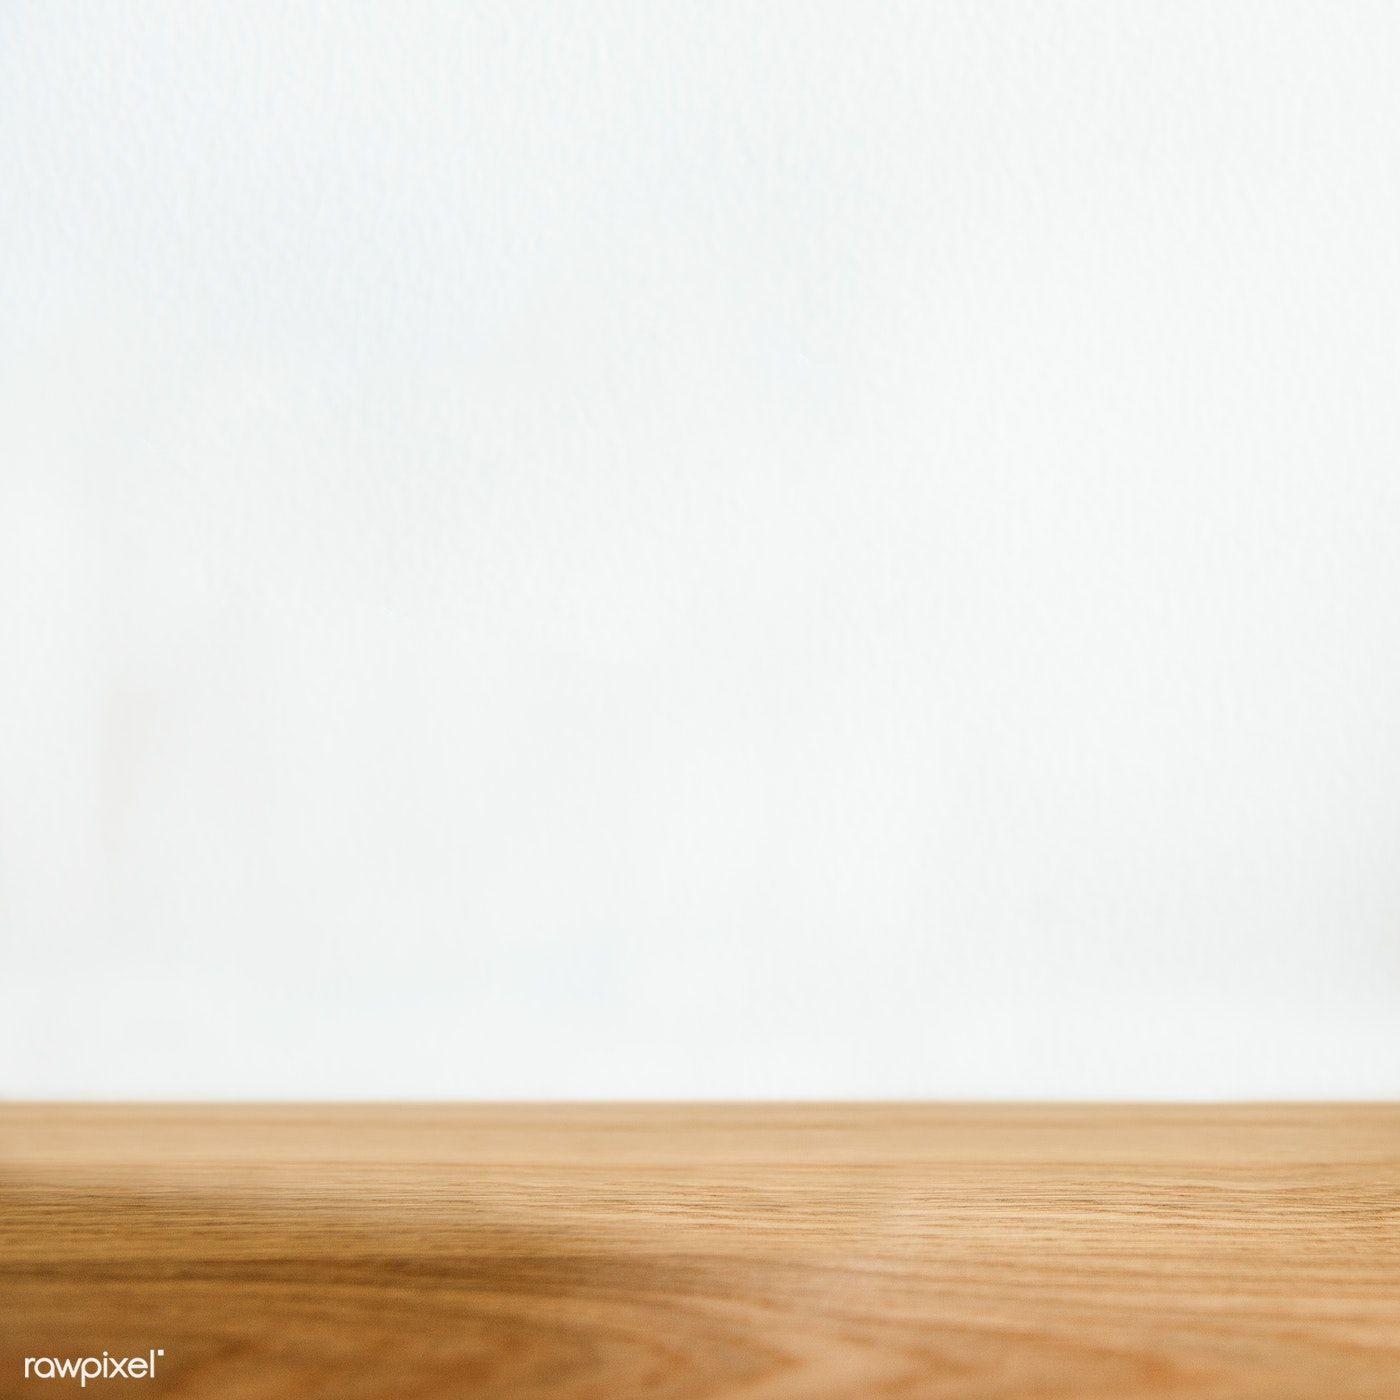 Download Premium Image Of Wooden Floor With White Background 585695 Wooden Flooring Dark Brown Walls White Background